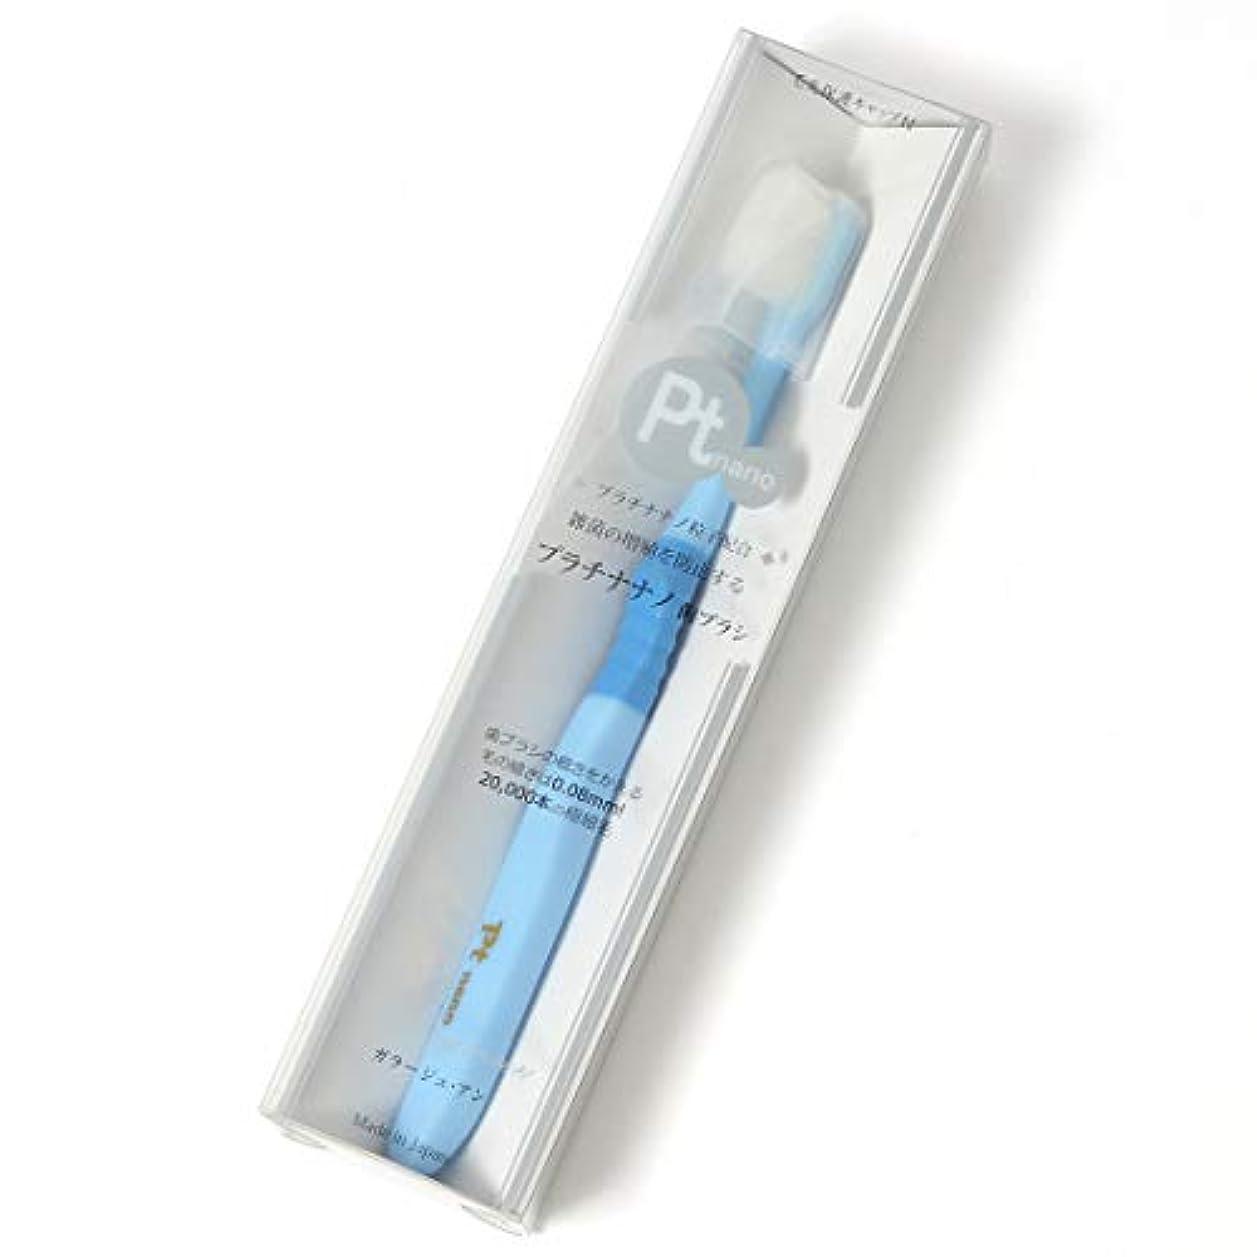 標高生物学赤外線manmou プラチナナノ万毛歯ブラシ 6個セット